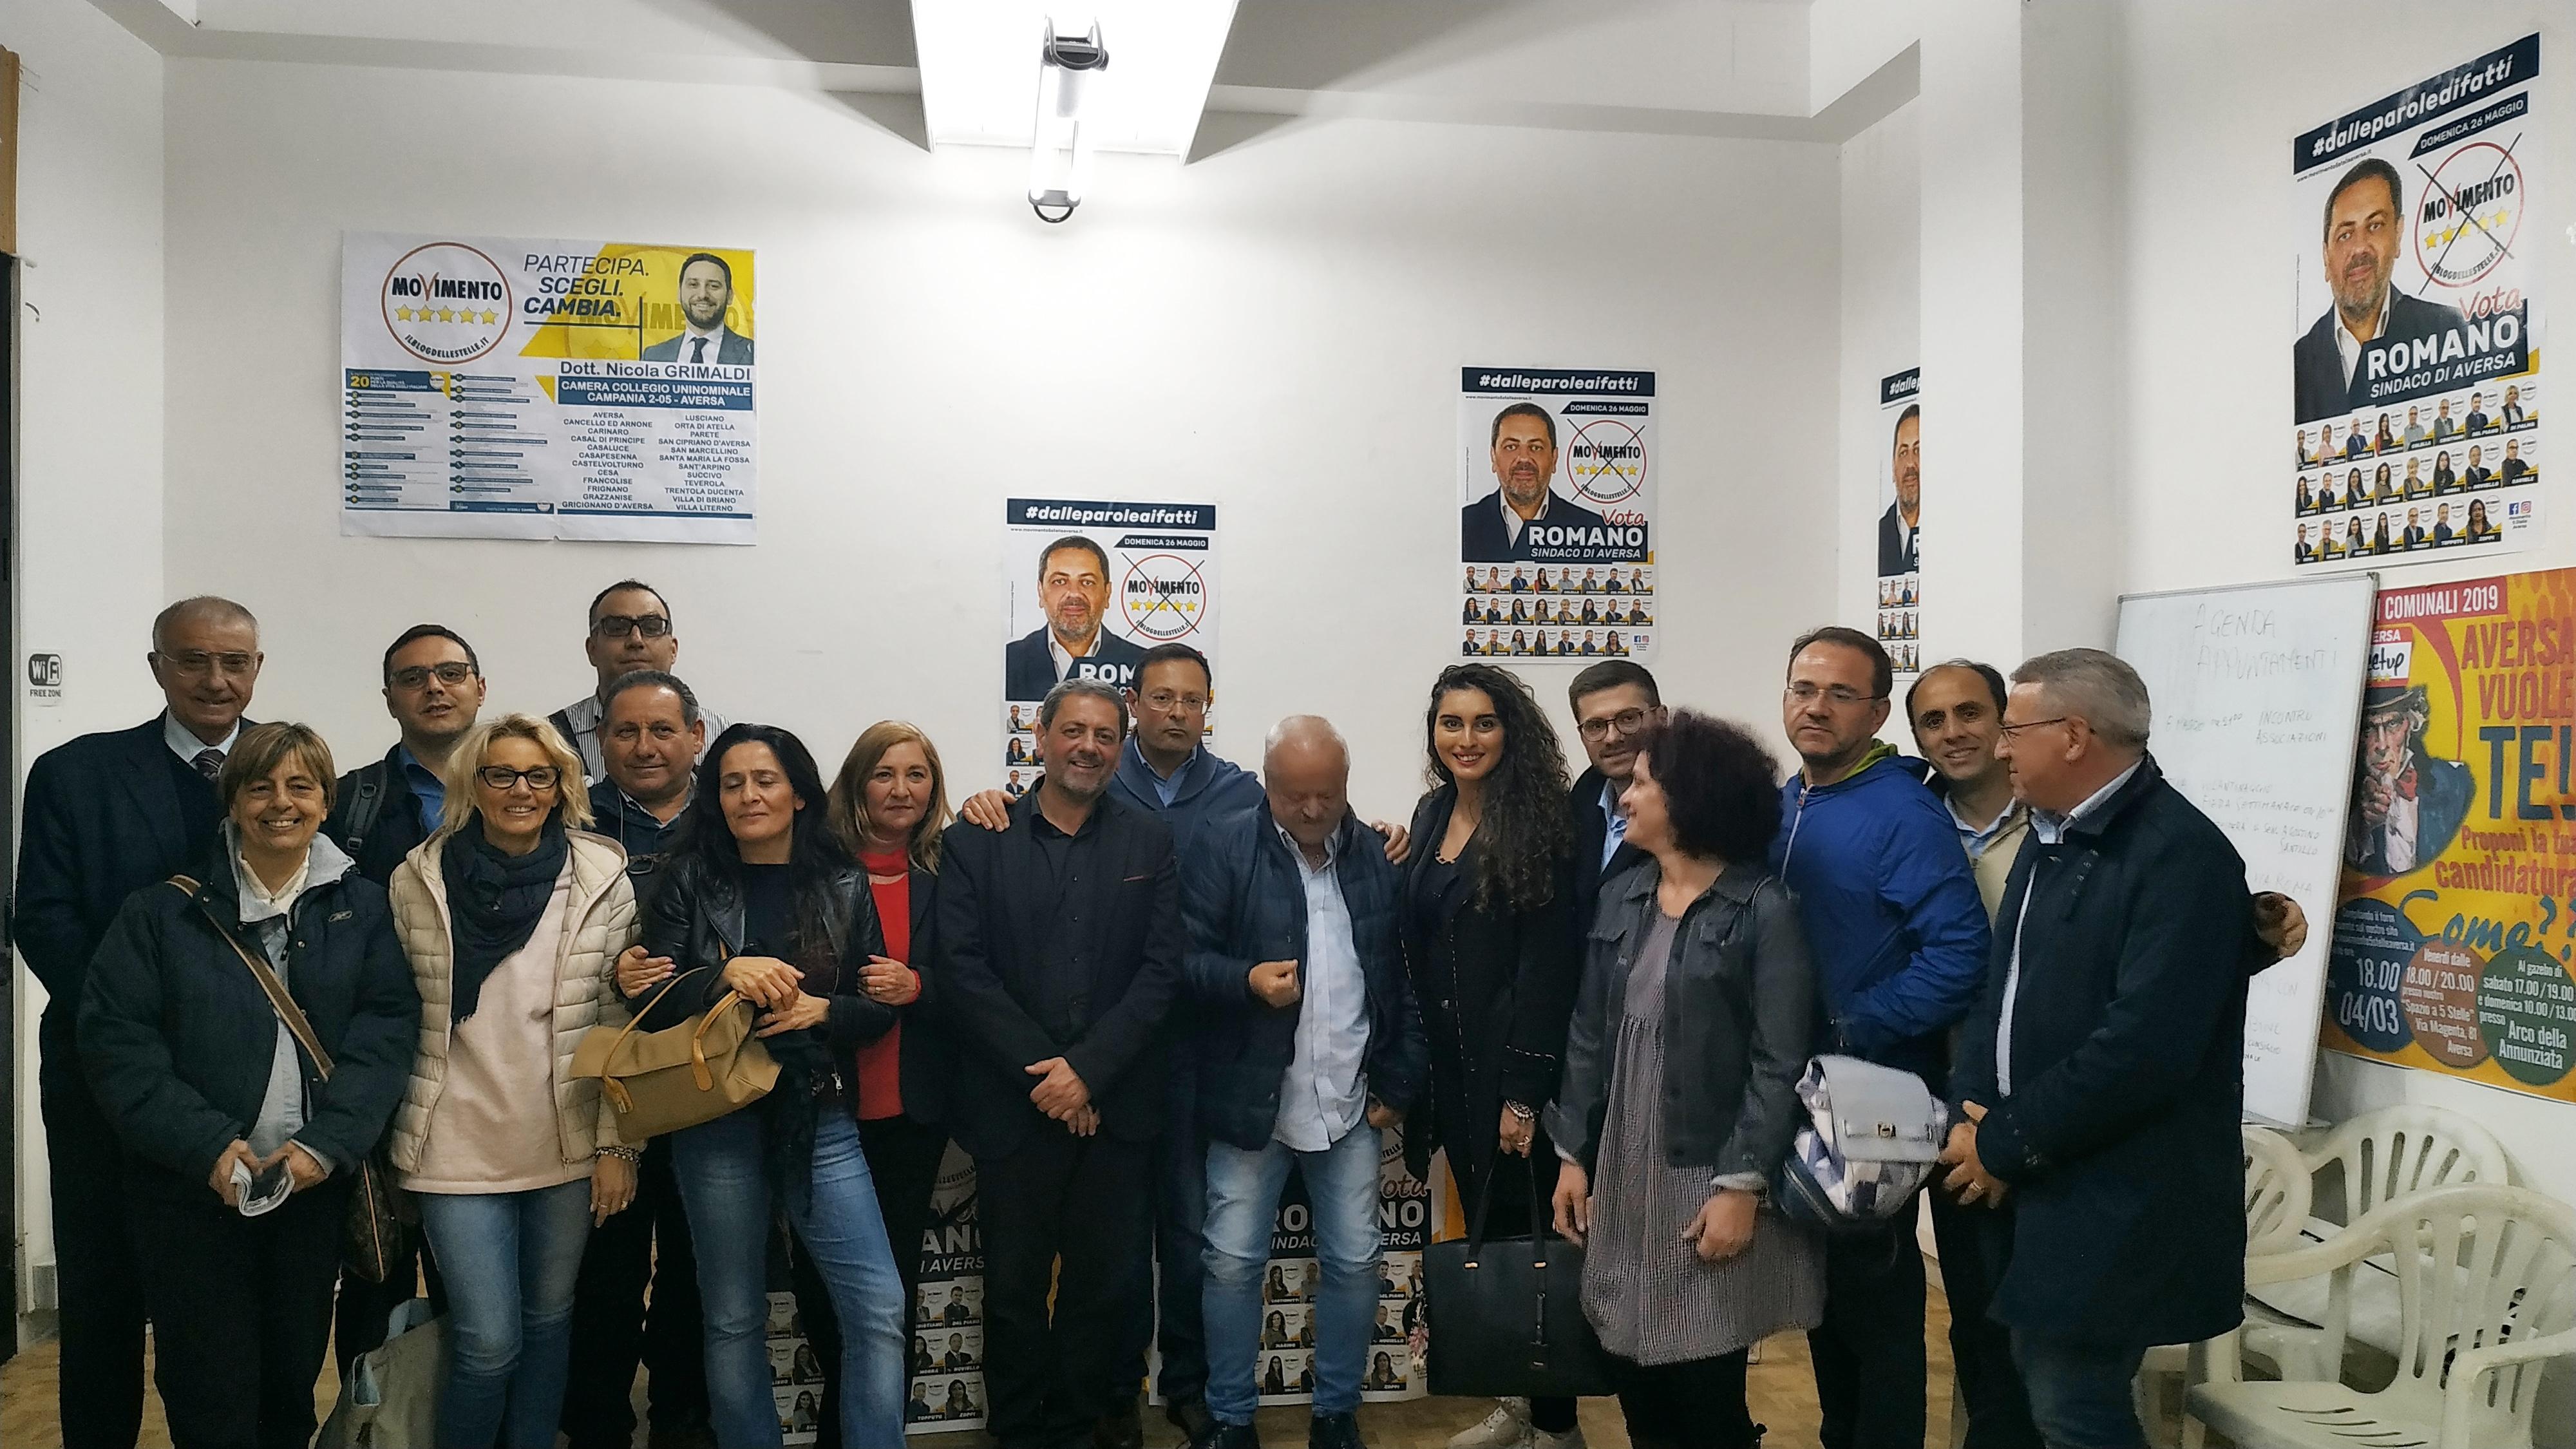 """Aversa: Romano, Movimento 5 Stelle: """"Le associazioni saranno con noi al governo della città"""""""